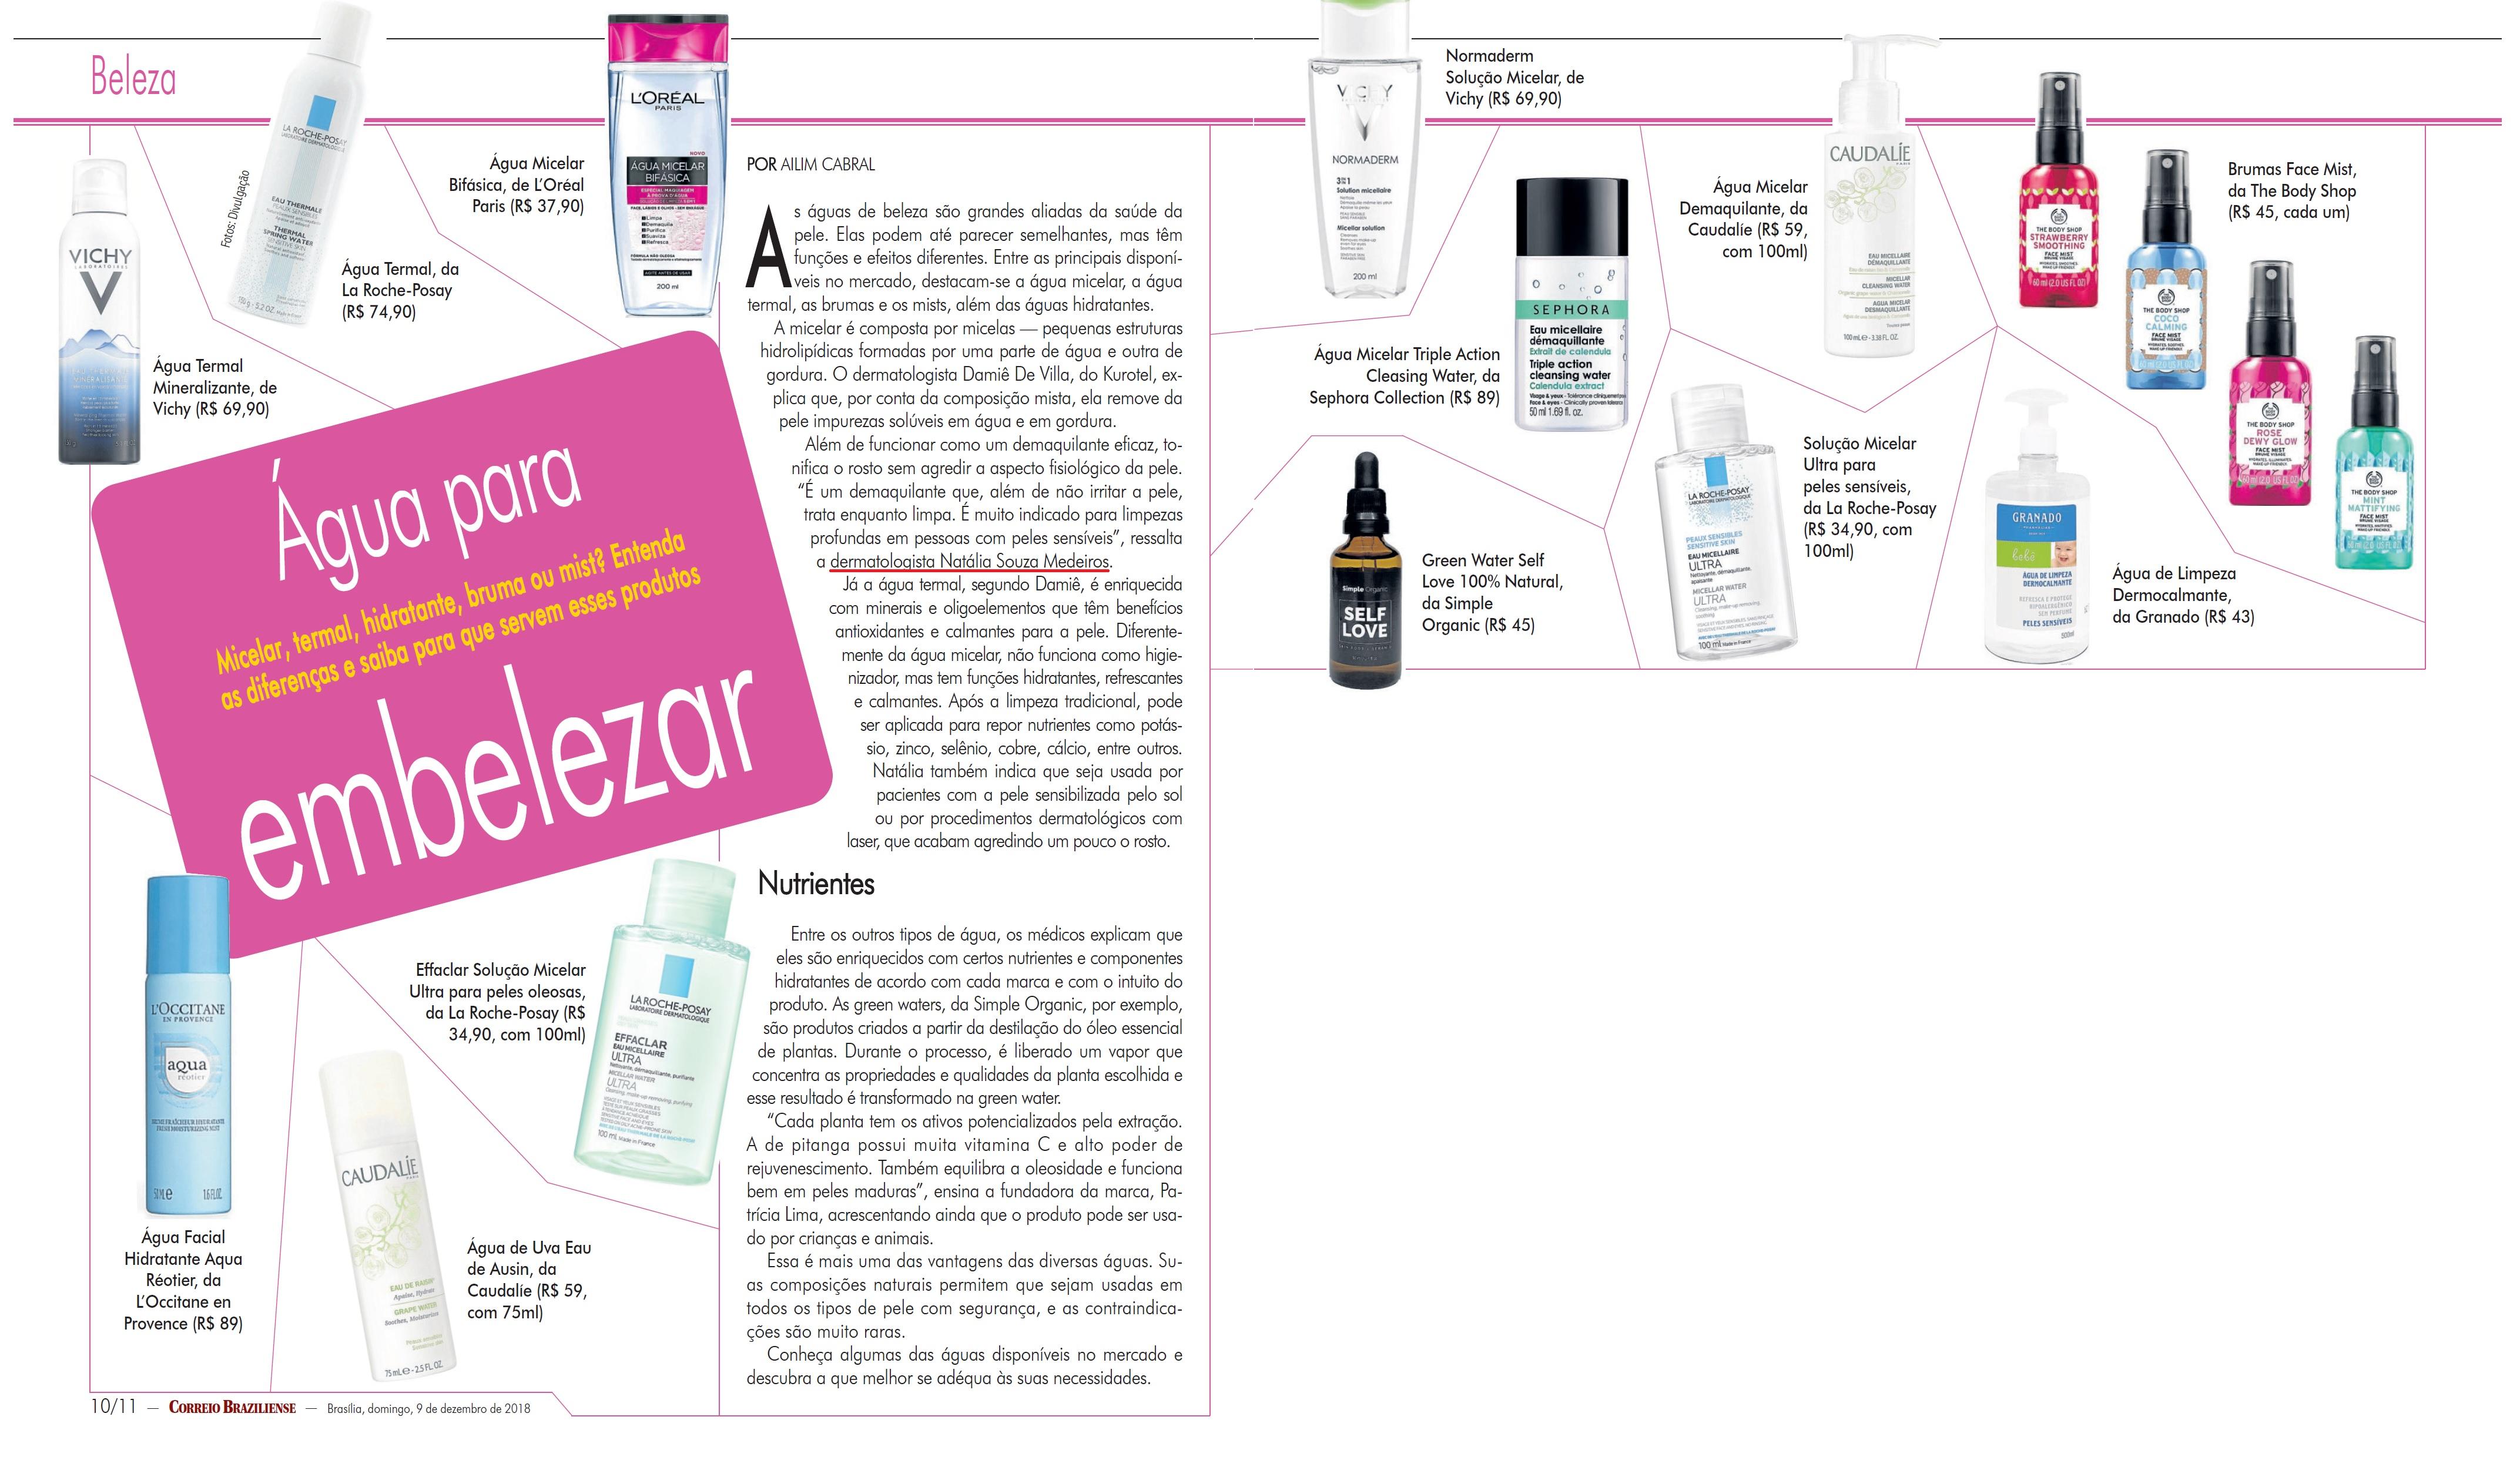 Revista do Correio - Dra. Natália Souza Medeiros HSLS - 10-12-2018